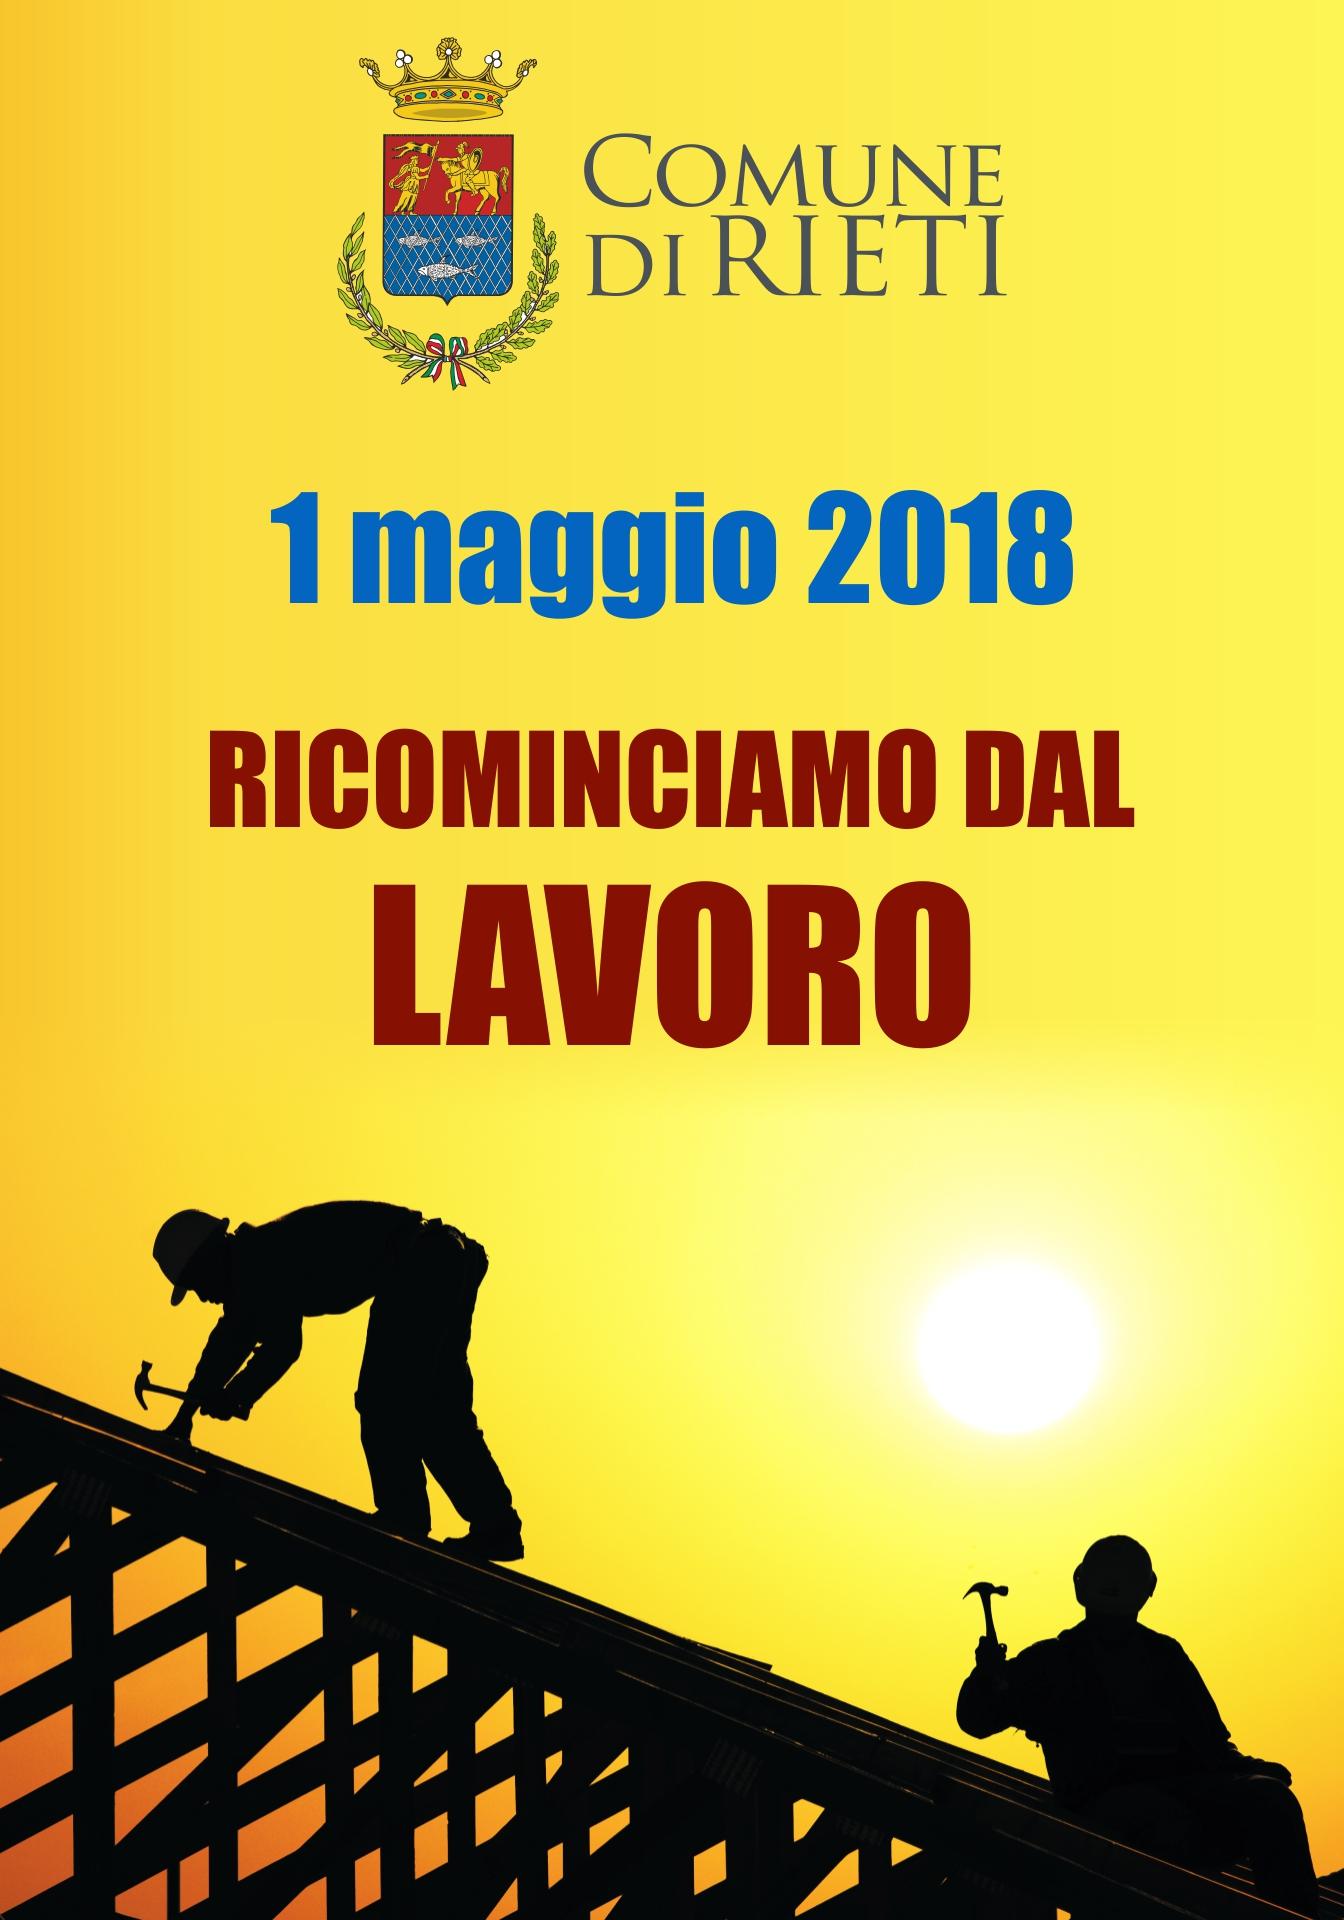 manifesto-comune-di-rieti-2